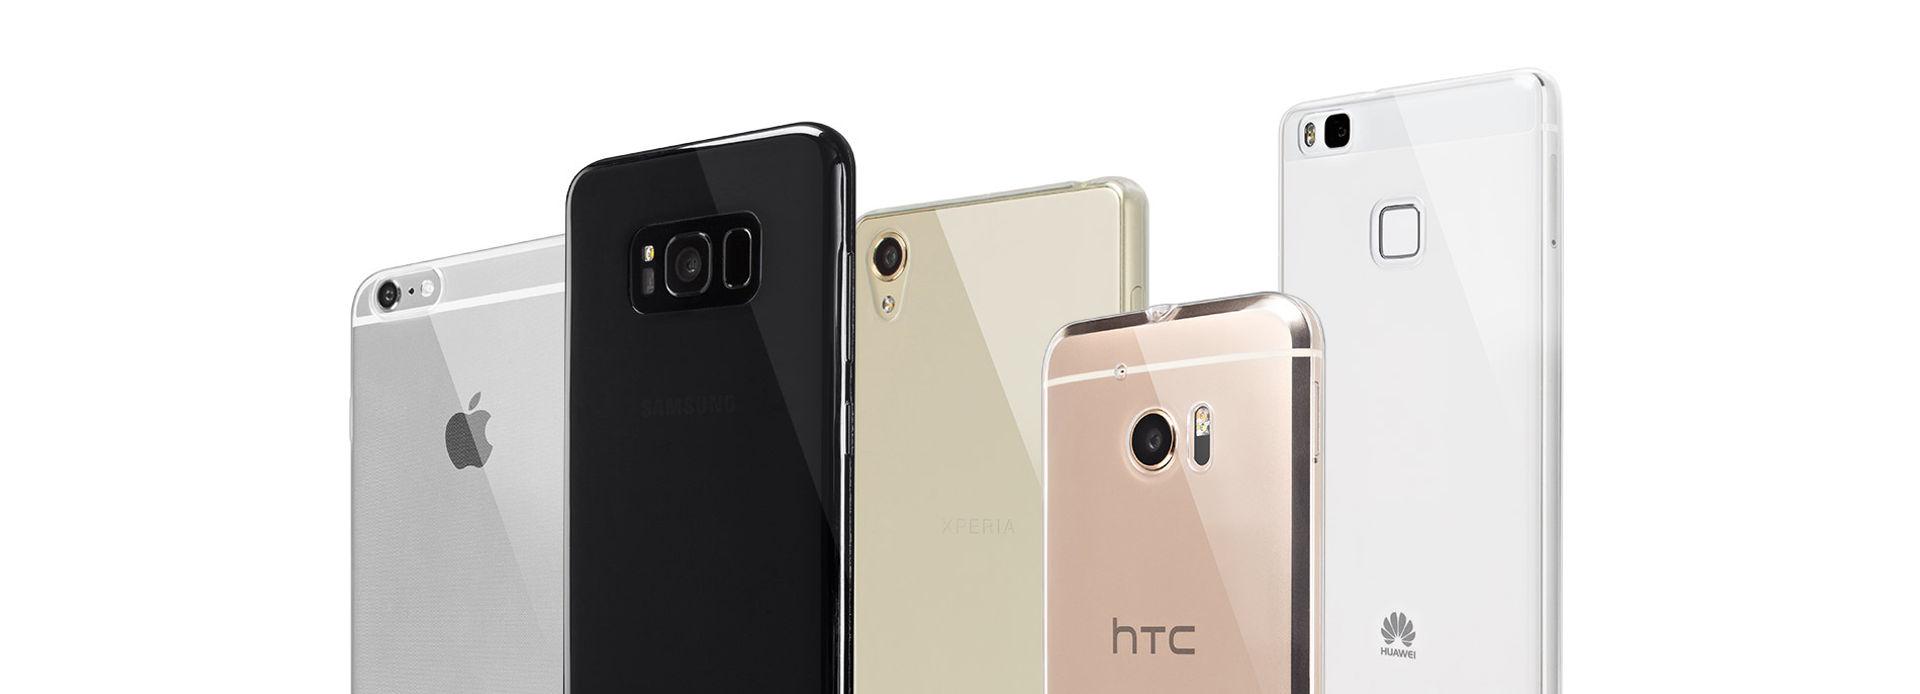 Die Schutzhülle NoCase ist erhältlich für viele unterschiedliche Smartphone Modelle namhafter Hersteller, wie Apple, Samsung, HUAWEI, LG und andere.